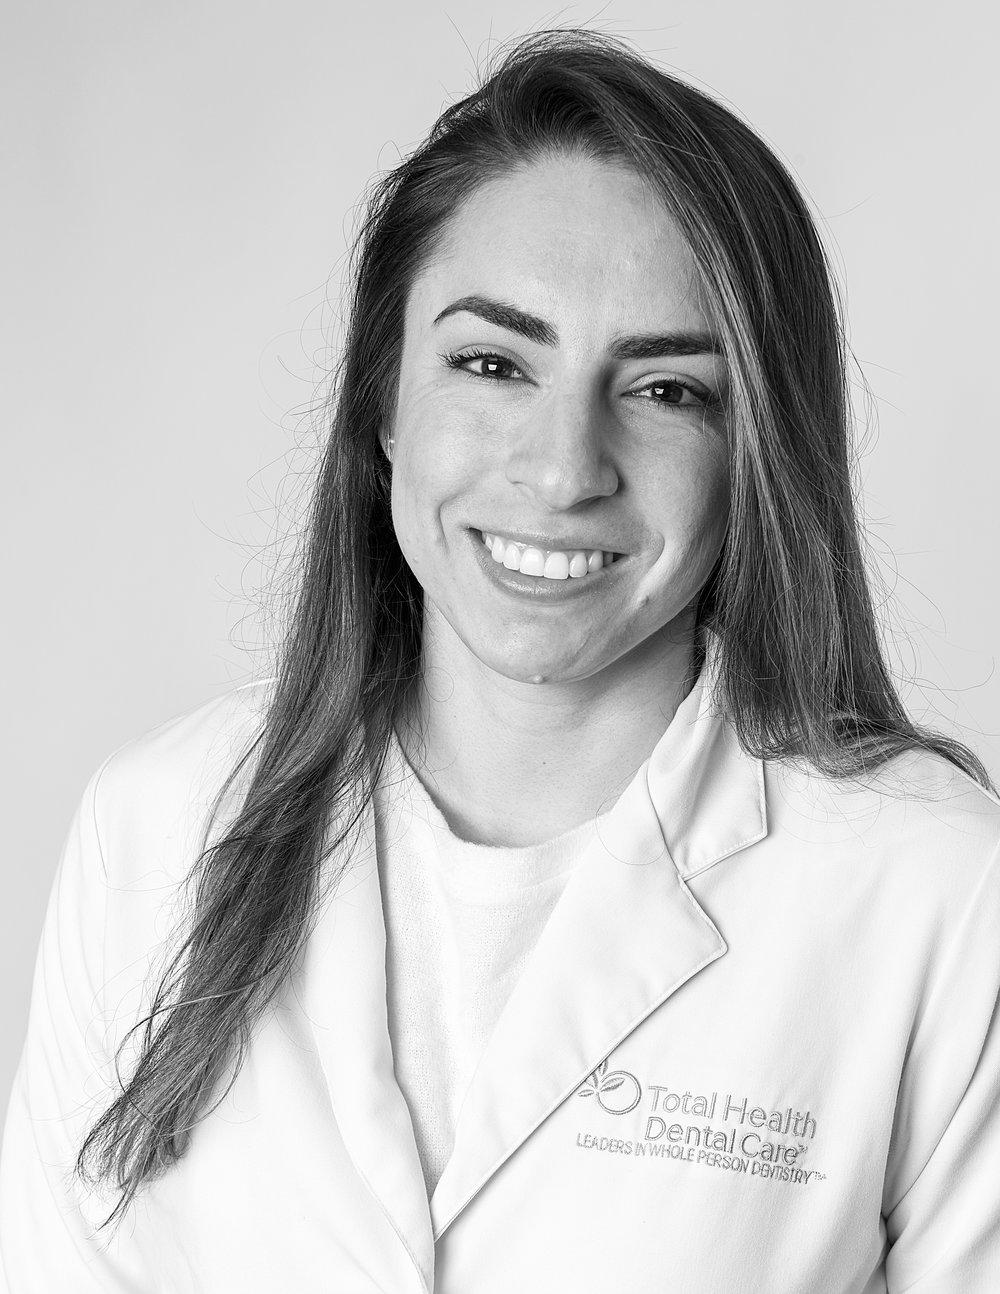 Dentist Dr. Sarah Martinez Total Health Dental Care.